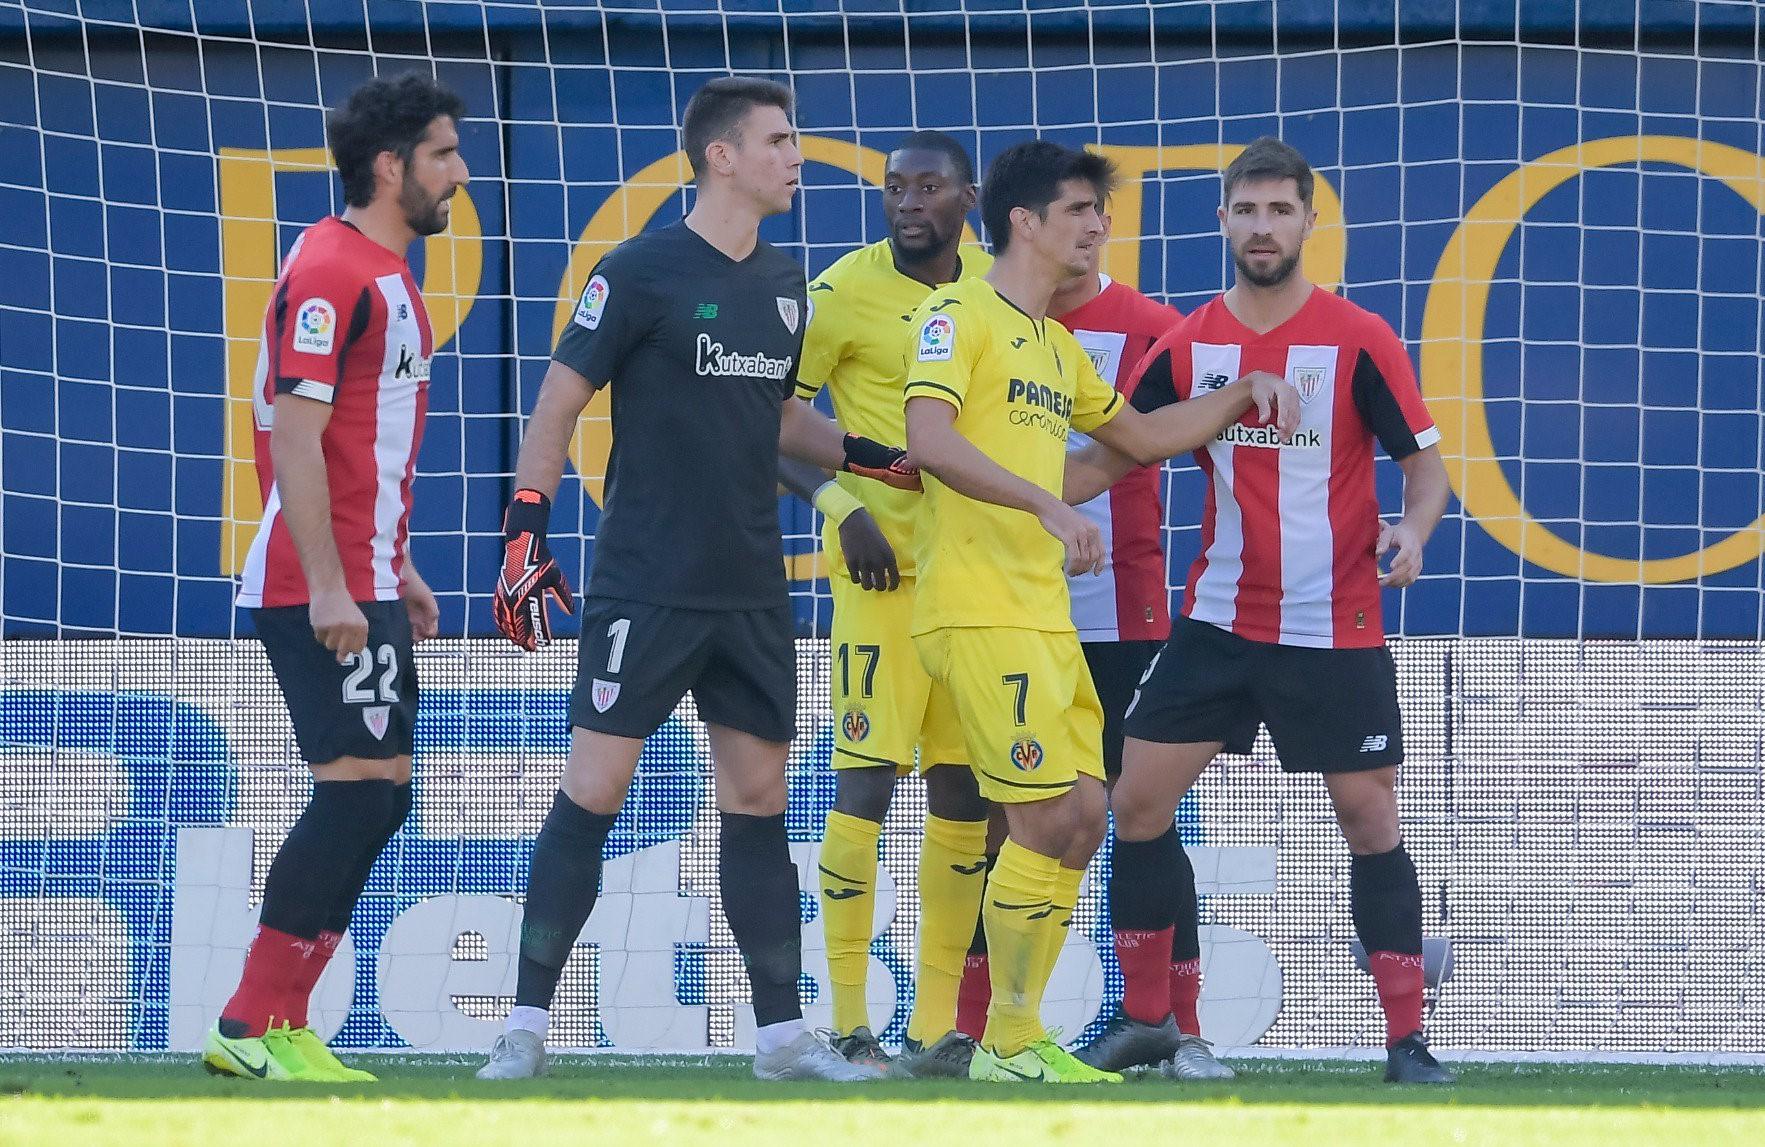 El Athletic defiende una jugada del Villarreal en la primera parte (Foto: @AthleticClub - Twitter)